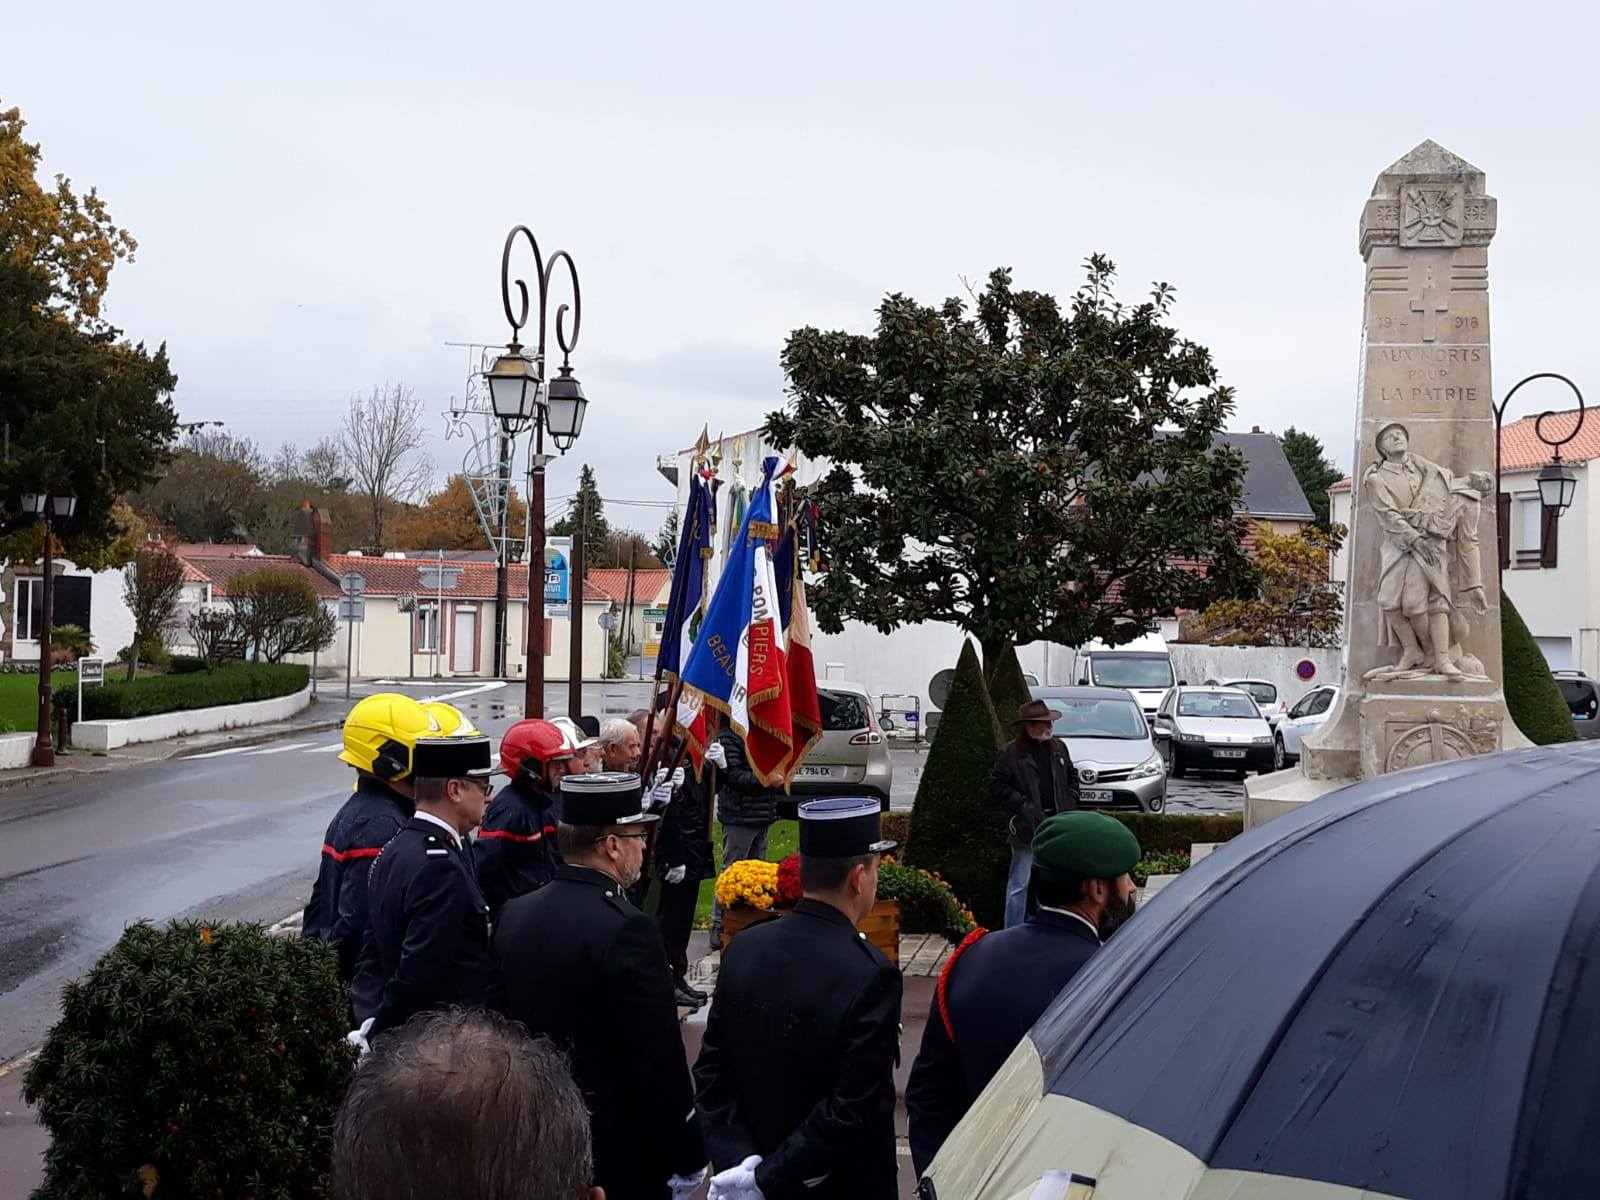 herdenking 1e wereldoorlog in Frankrijk